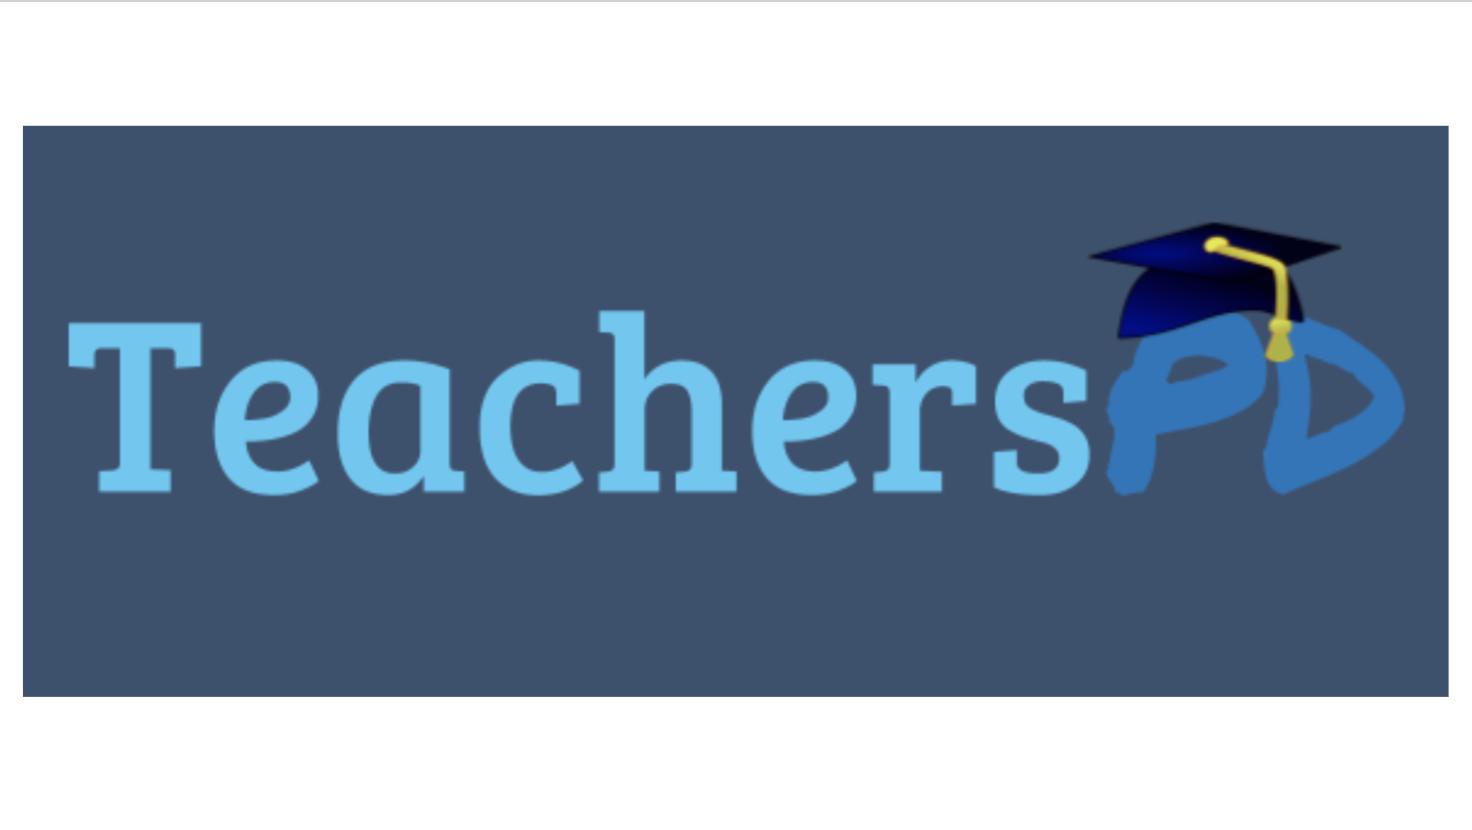 TeachersPD for Effective Teaching